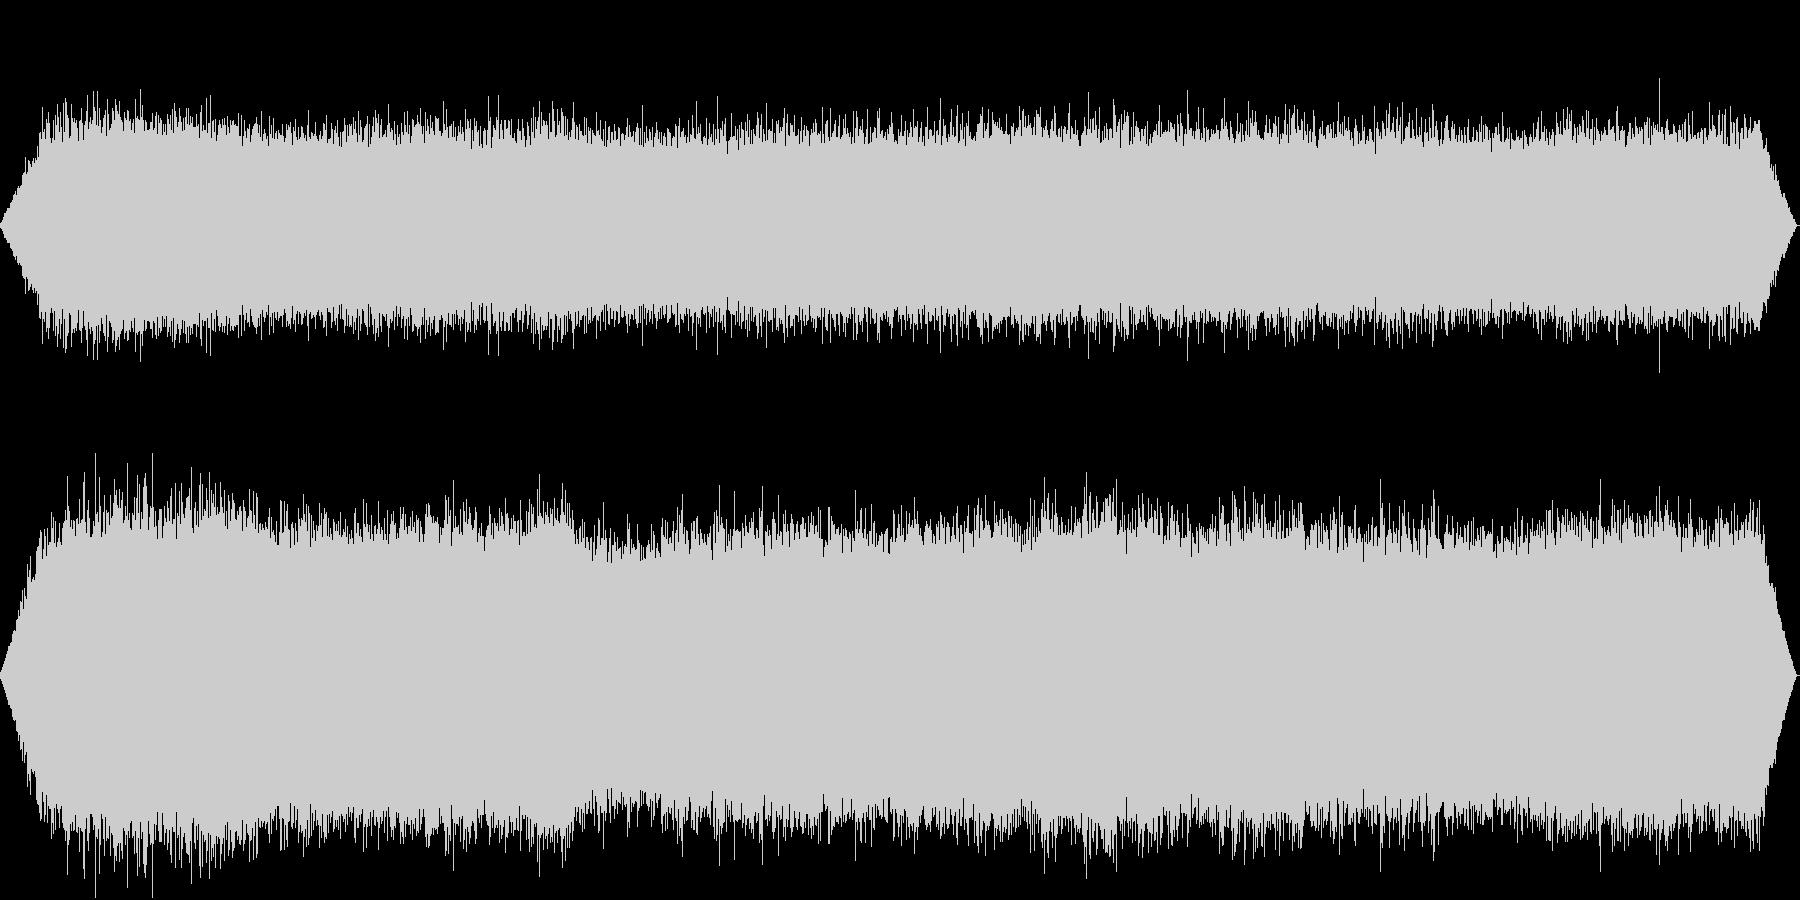 【生録音】初夏の夜の環境音 虫の声 3の未再生の波形